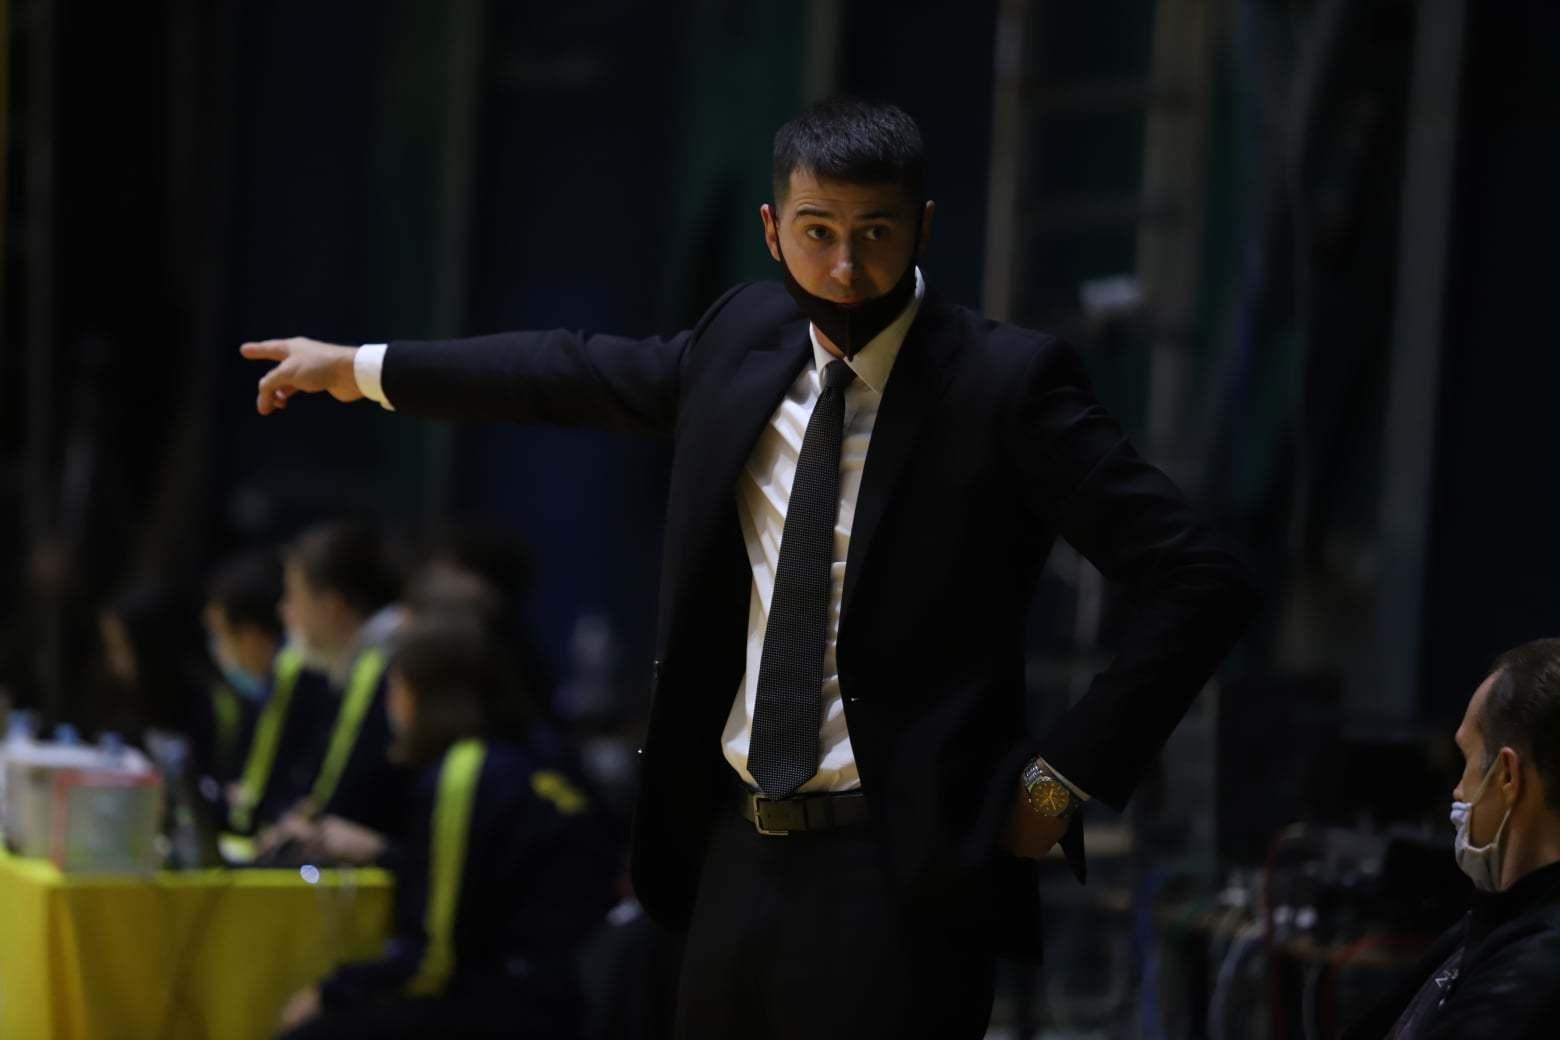 Артем Сліпенчук: ми маємо йти від гри до гри, намагатися вигравати кожен матч